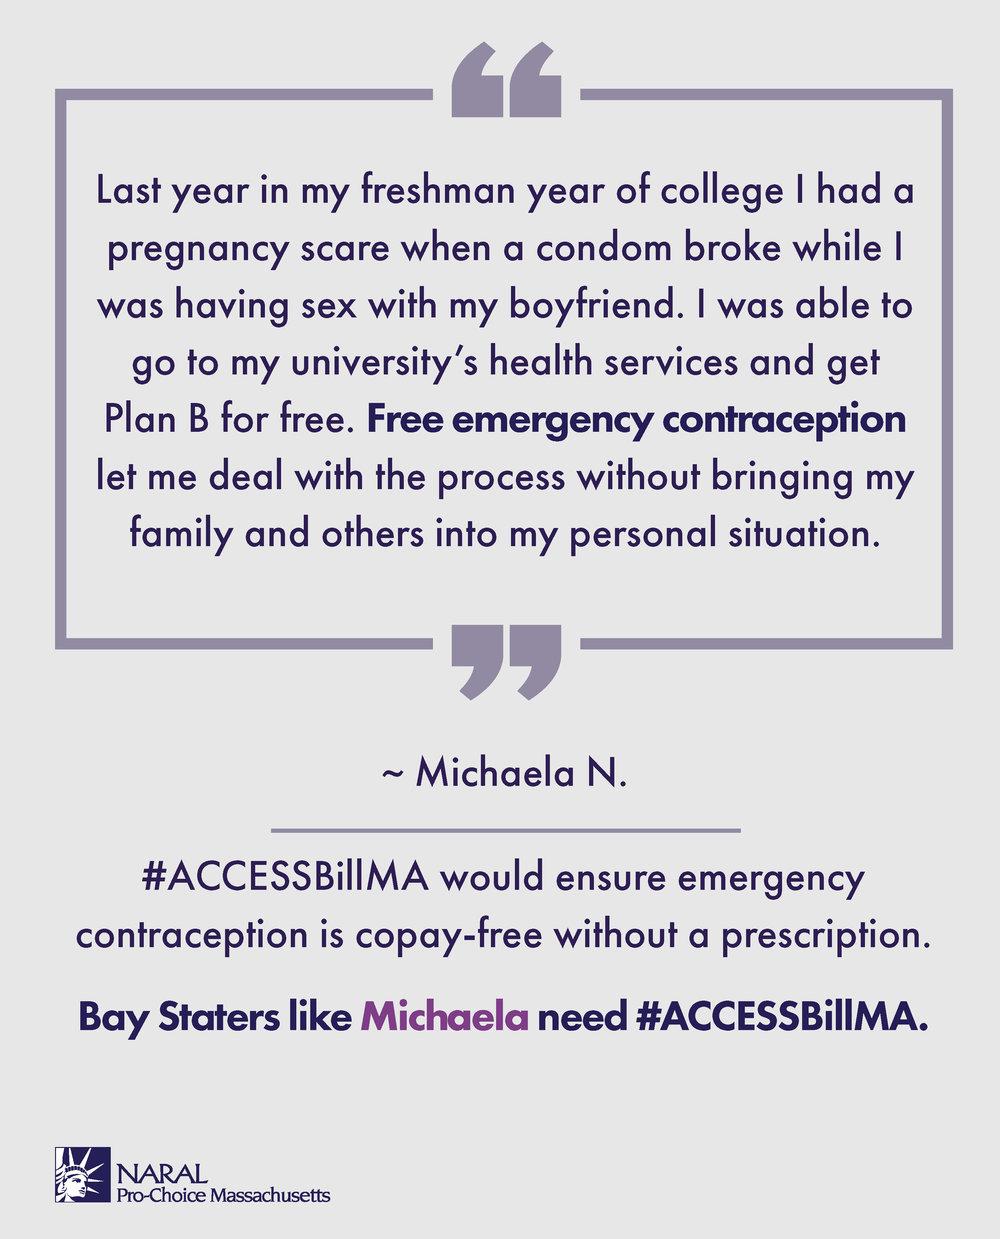 ACCESSBill_testimony_v5_Michaela.jpg